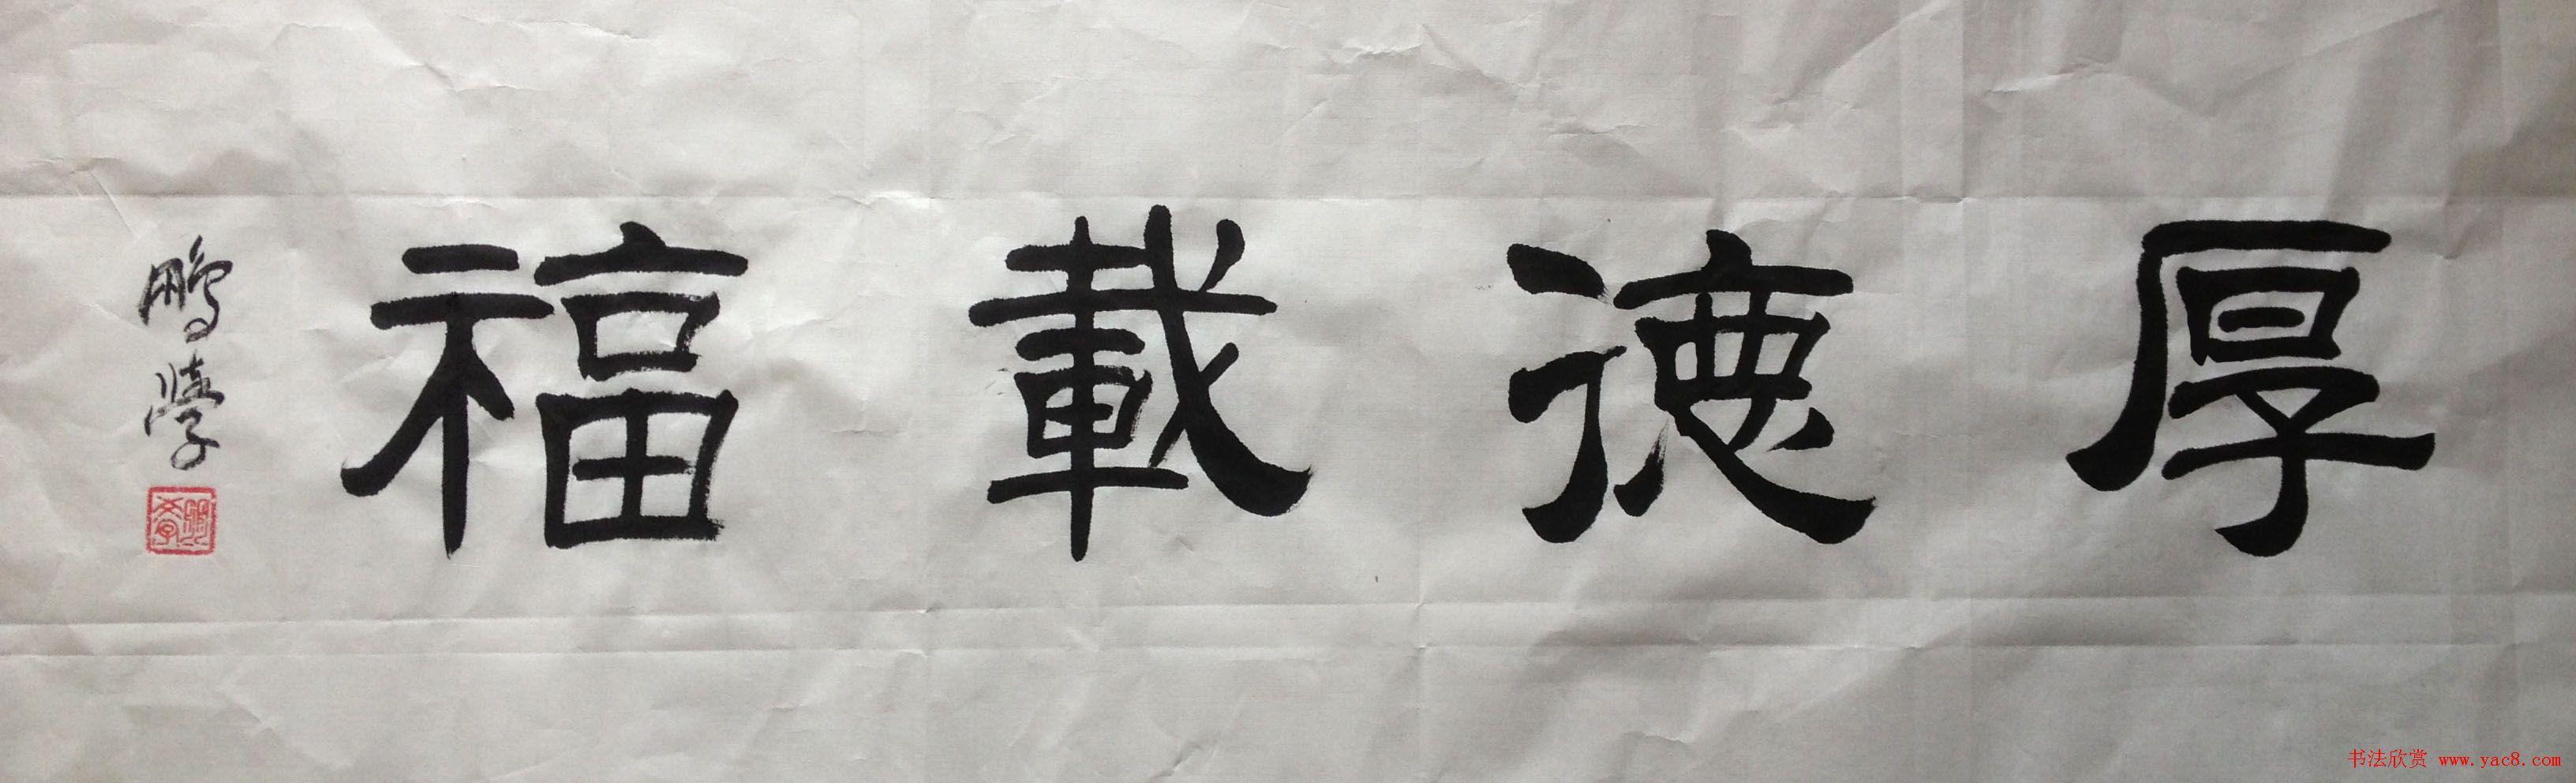 王朋学毛笔书法作品